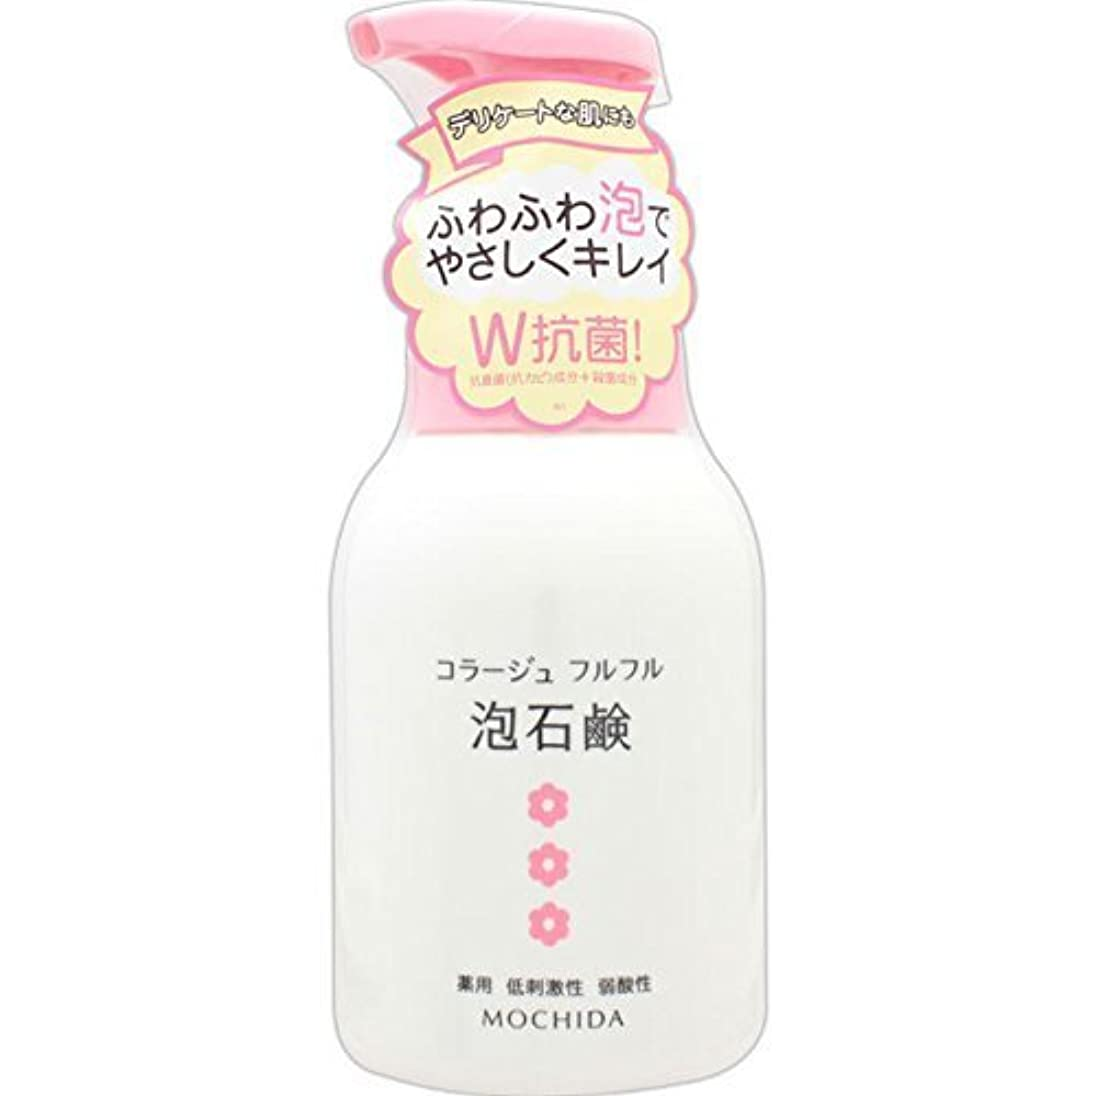 介入する忠実なプロフェッショナルコラージュフルフル 泡石鹸 ピンク 300m L (医薬部外品) ×7